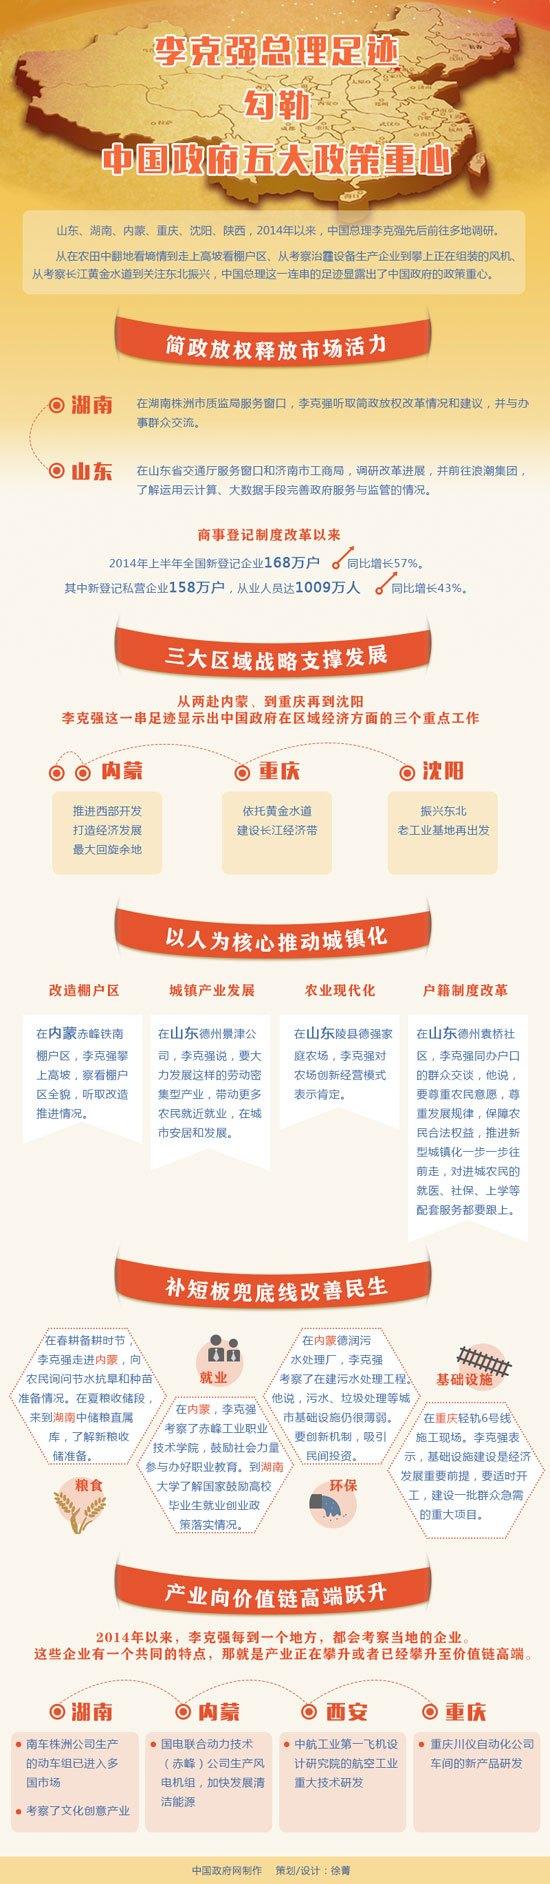 李克强足迹勾勒中国政府五大政策重心